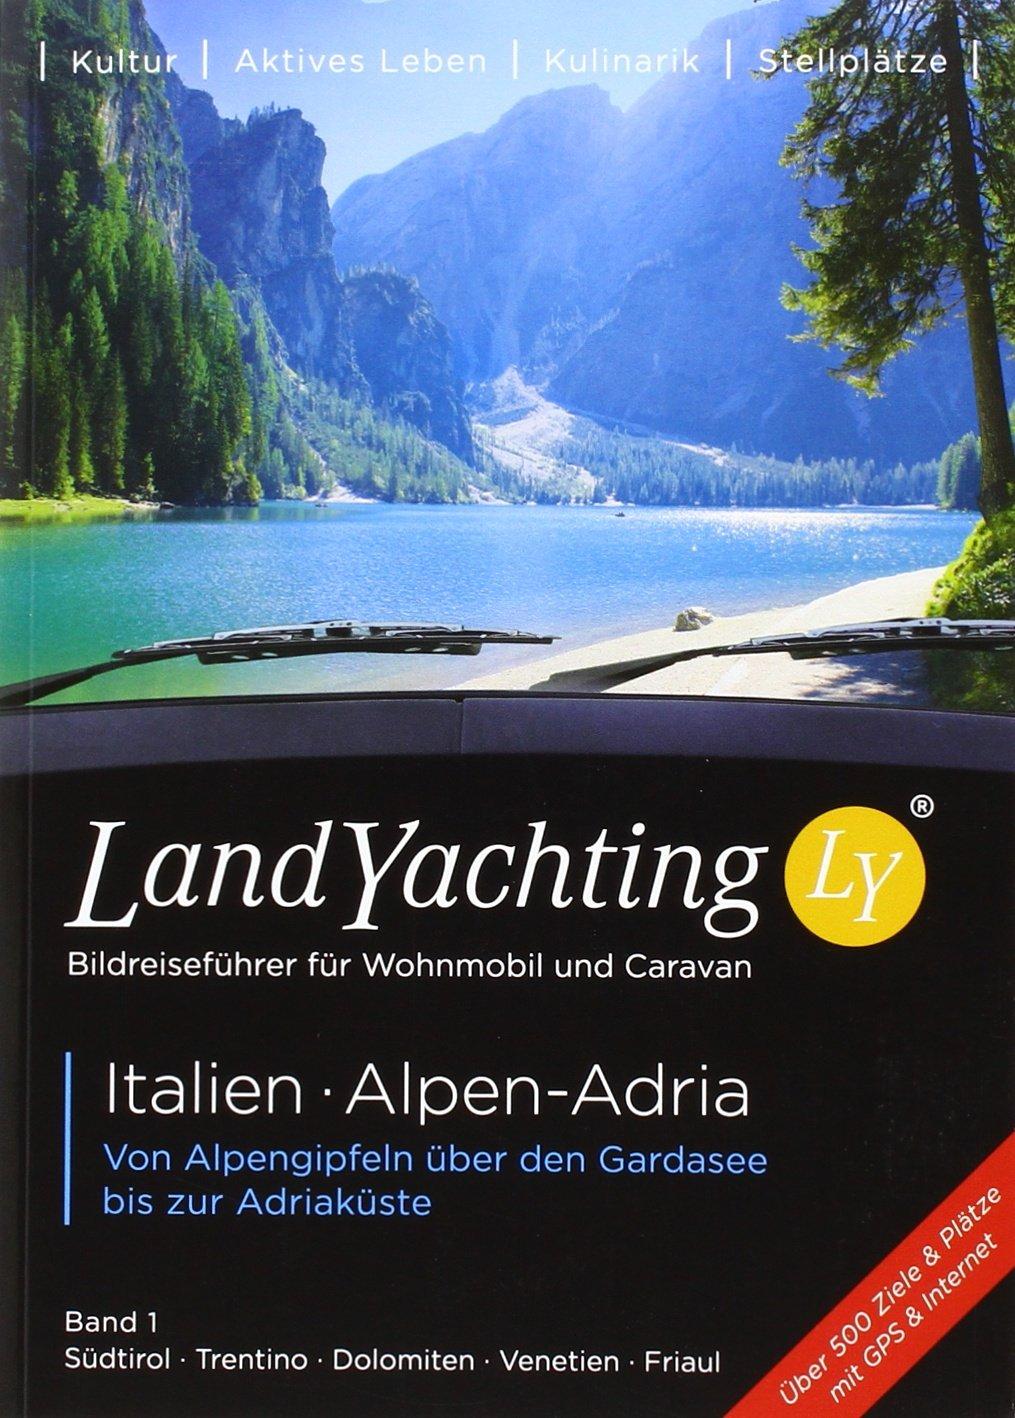 LandYachting Bildreiseführer für Wohnmobil und Caravan Italien · Alpen-Adria: Von Alpengipfeln über den Gardasee bis zur Adriaküste  Band 1  Südtirol · Trentino · Dolomiten · Venetien · Friaul